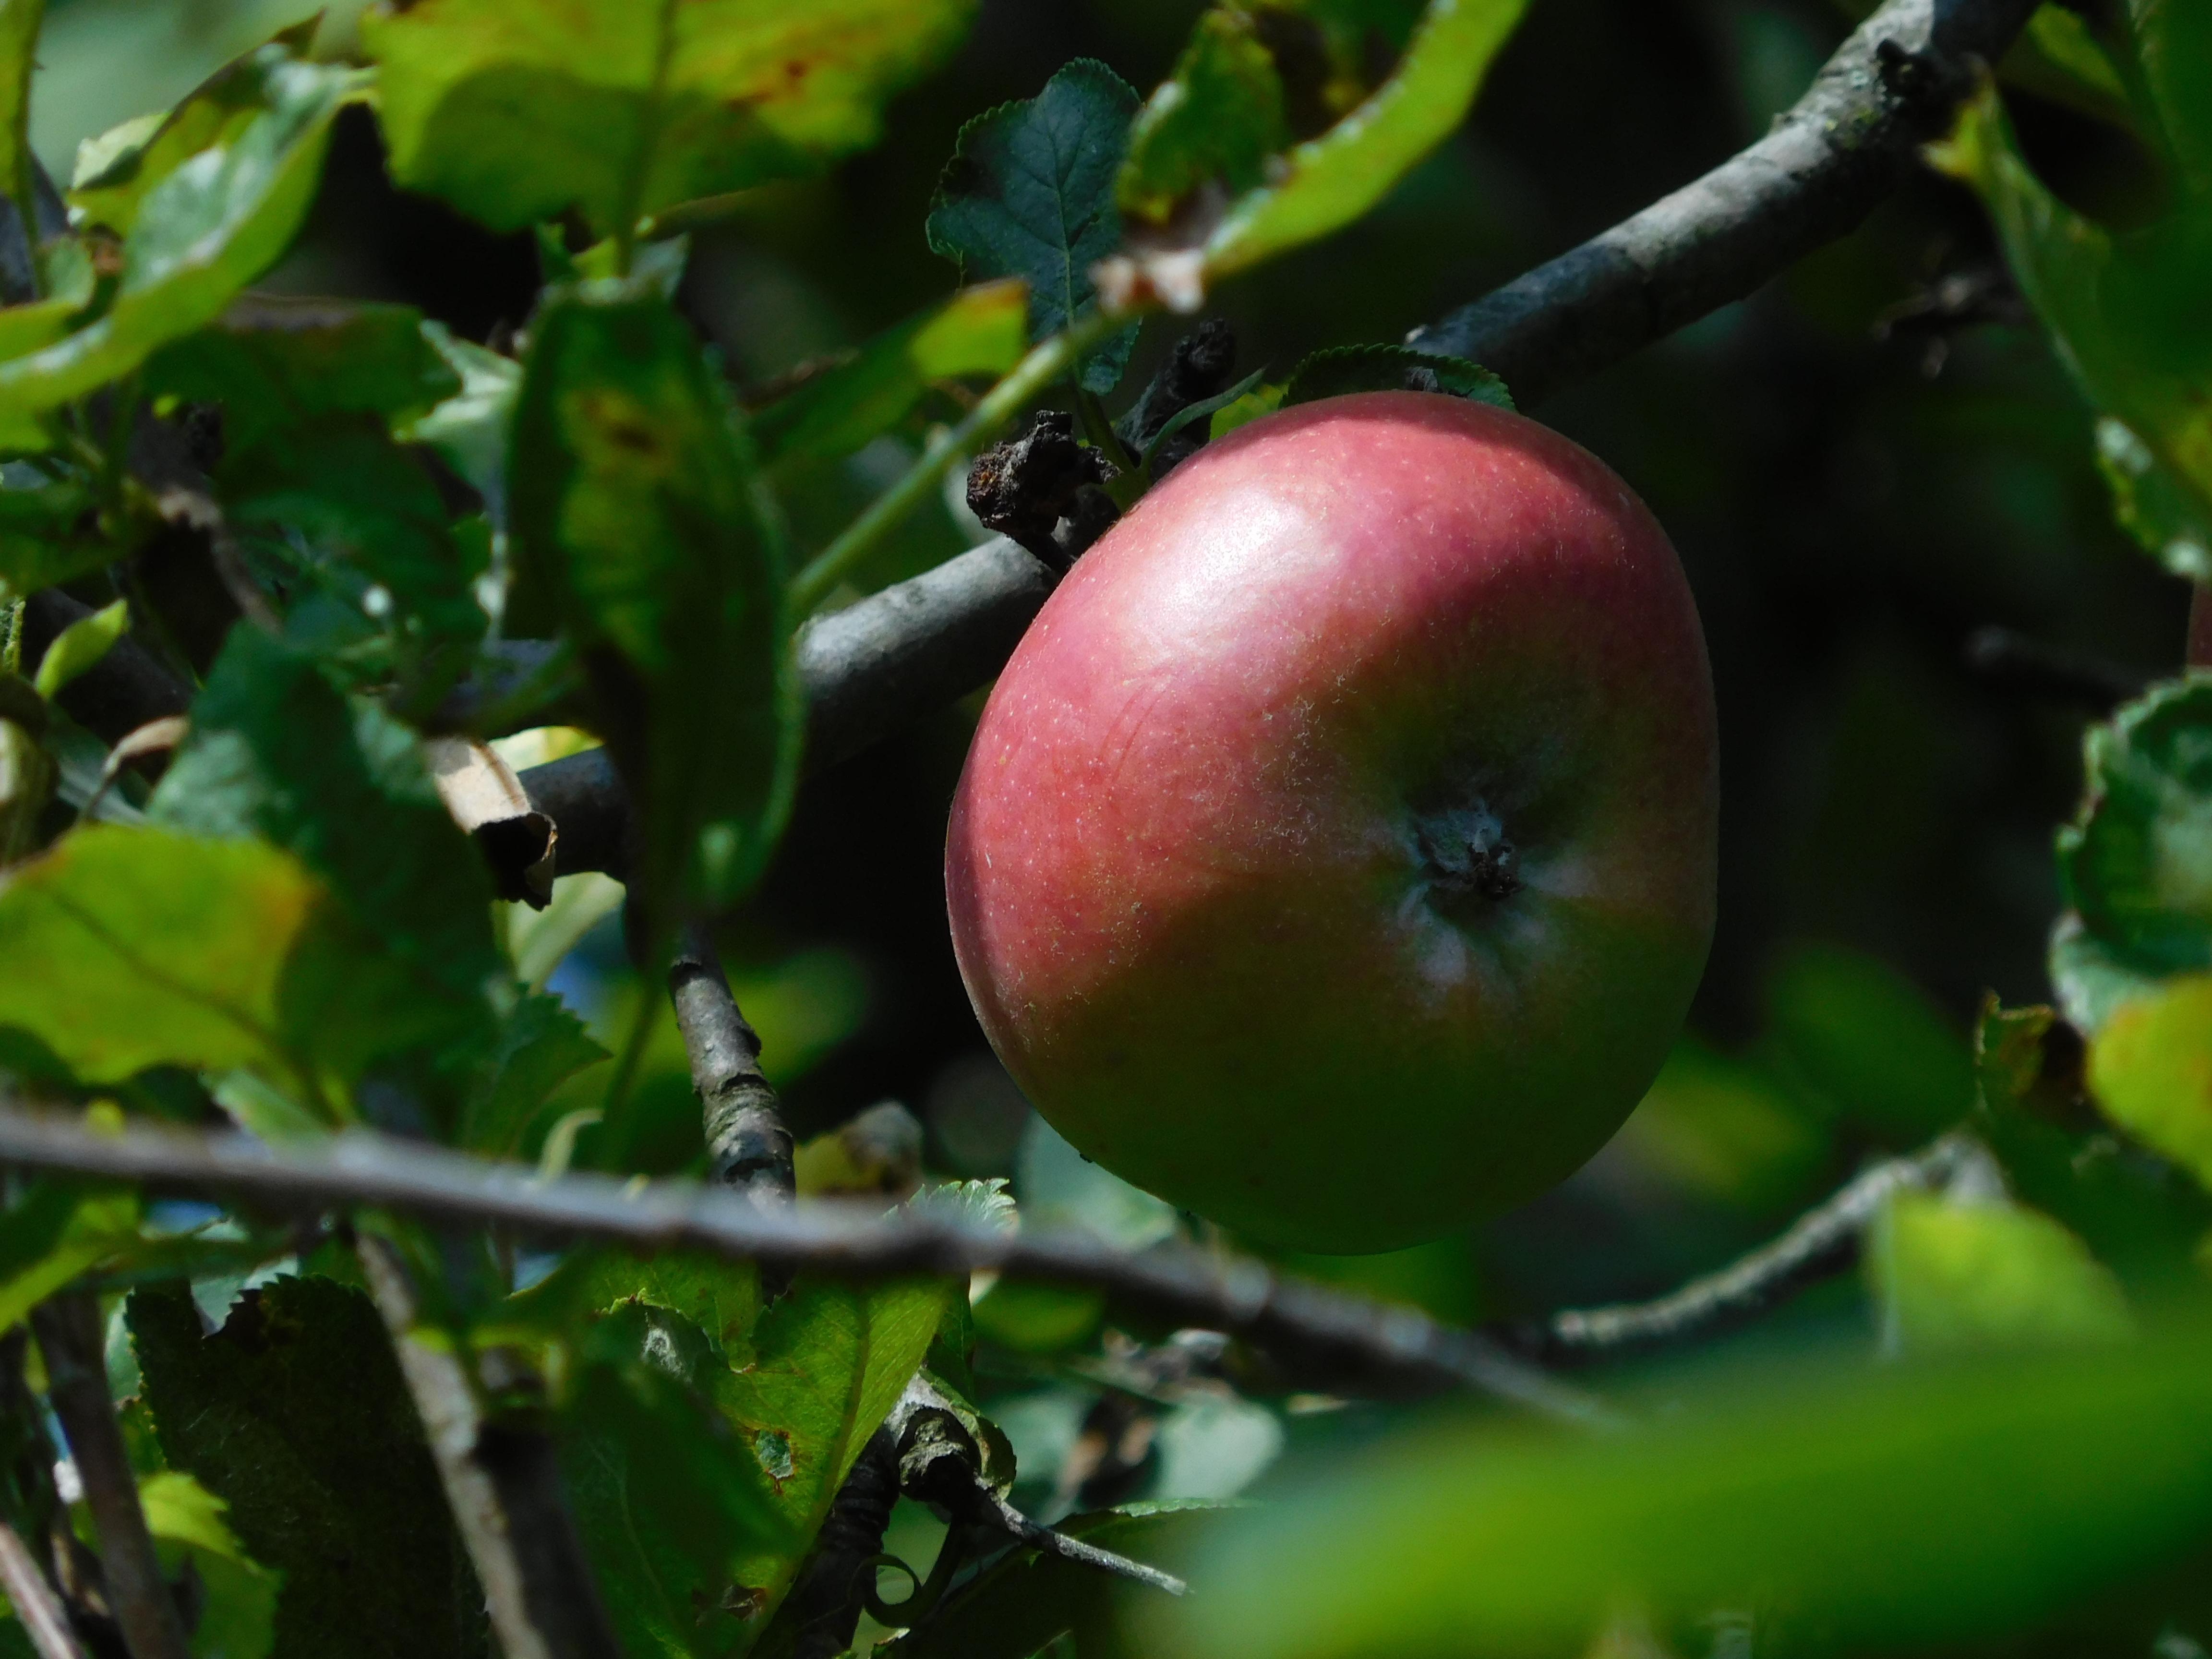 Co s jablky? Poradíme, co s bohatou úrodou jablek